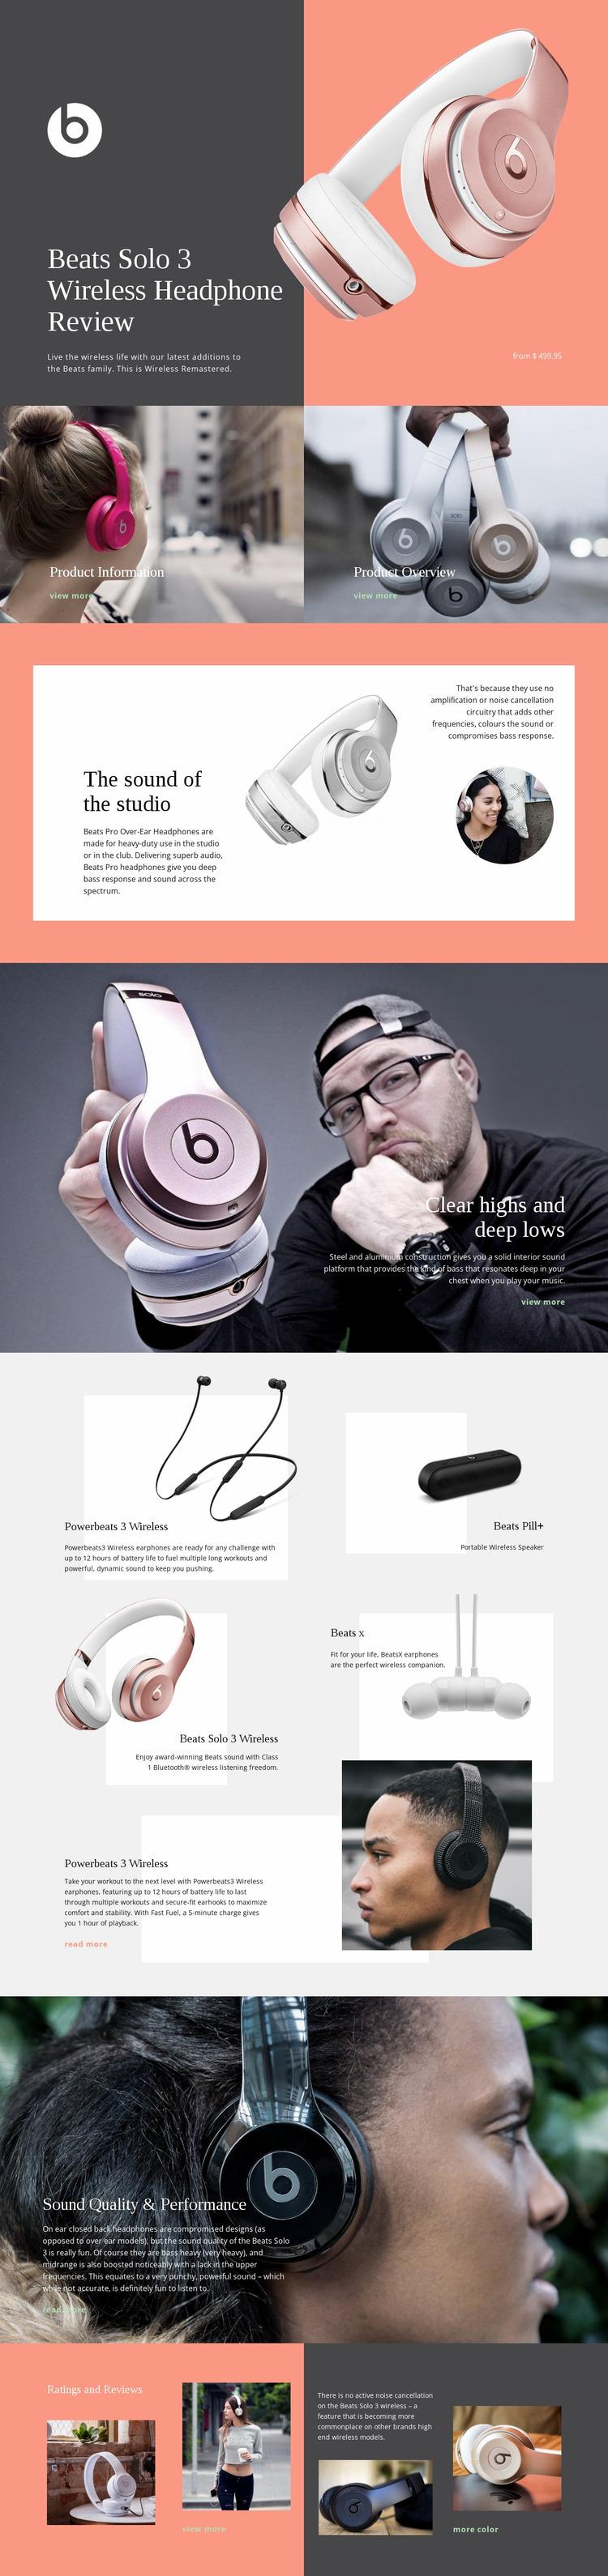 Beats Wireless Website Mockup